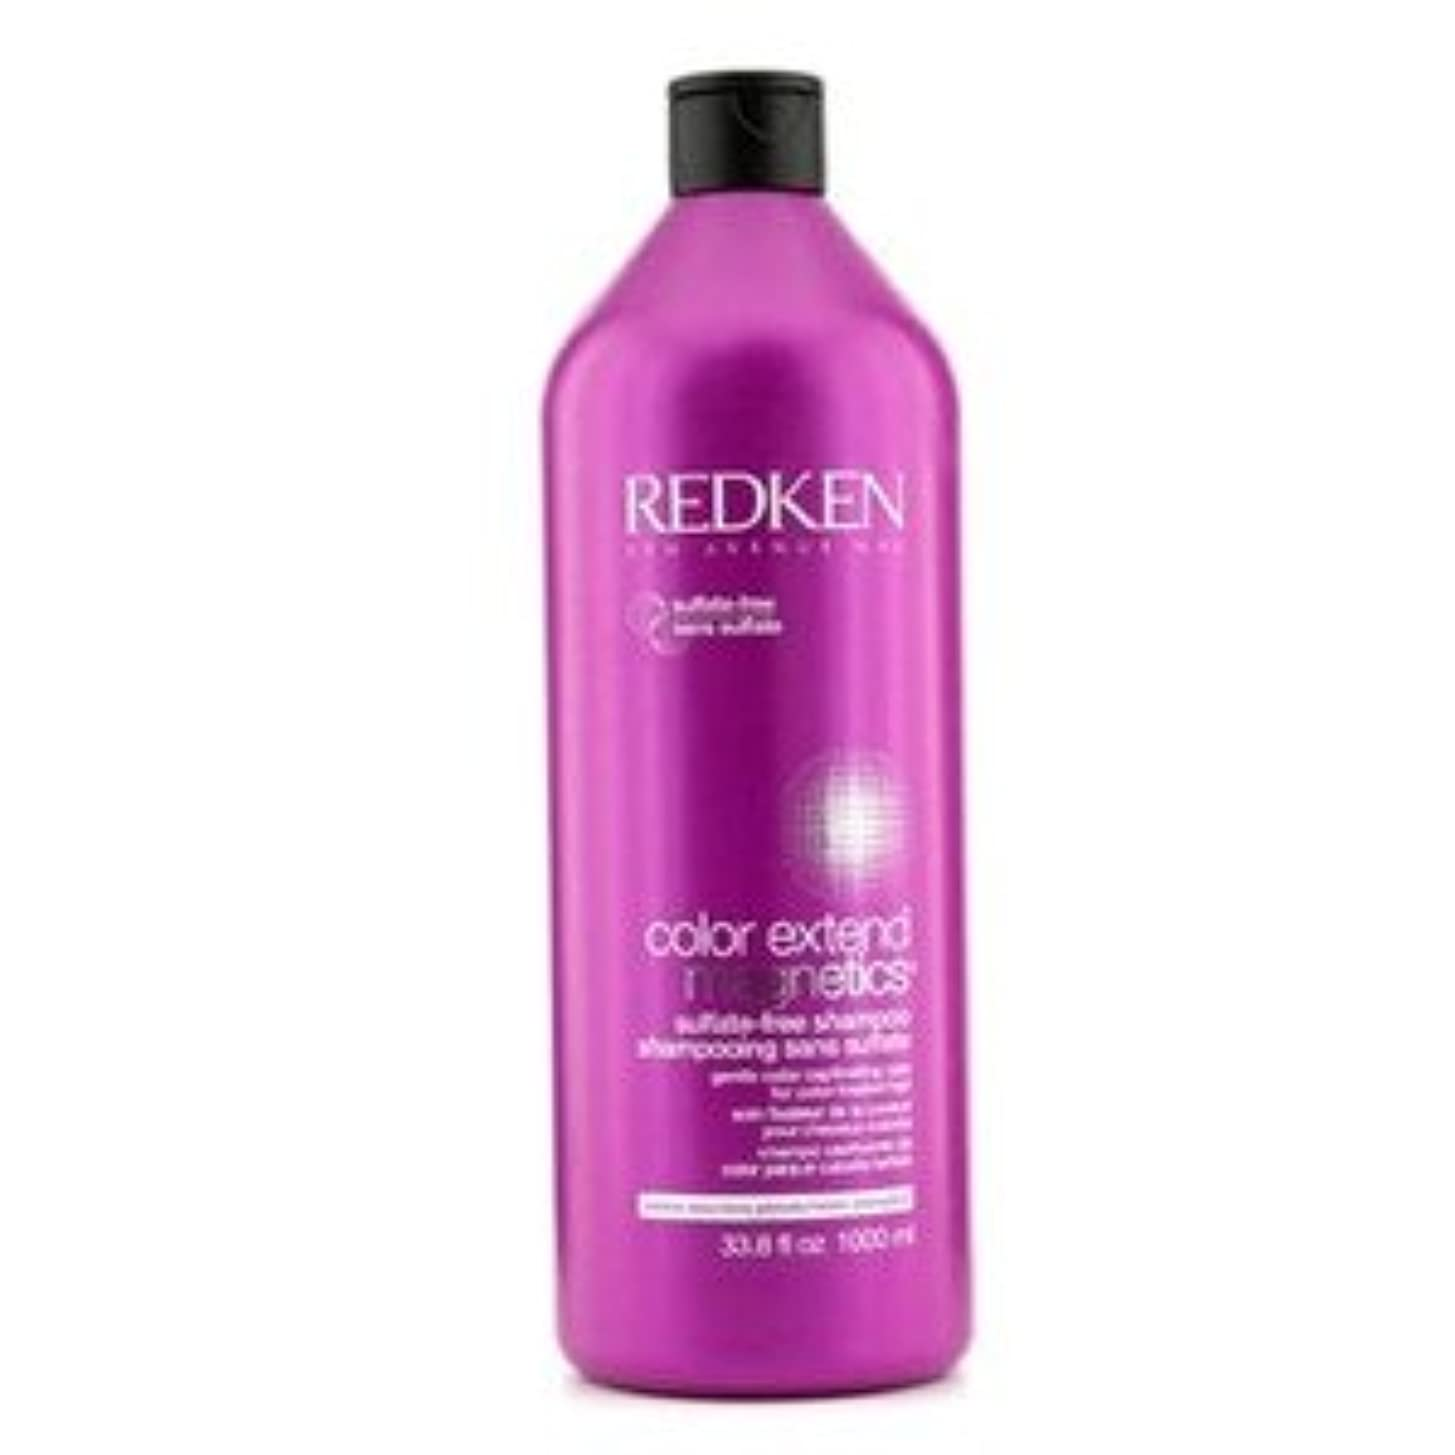 形ケントしみRedken カラー エクステンド マグネティクス サルフェートフリー シャンプー(For Color-Treated Hair) 1000ml/33.8oz [並行輸入品]